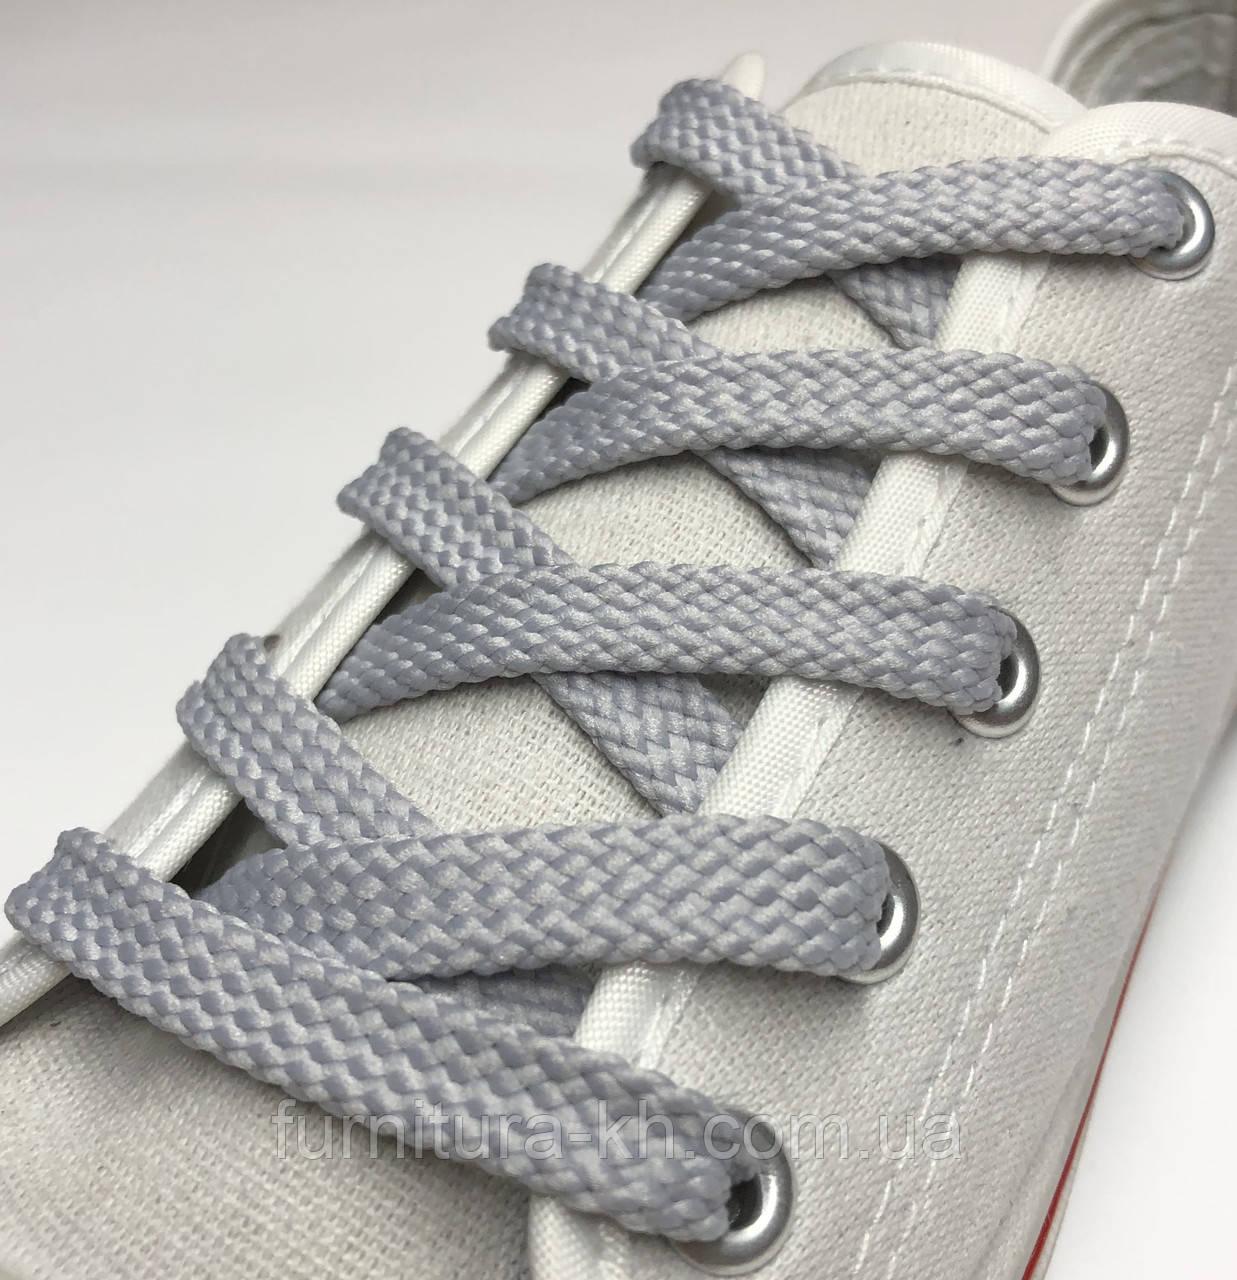 Шнурок Простой Плоский Длинна 1м  цвет  Светло Серый (ширина 7 мм)